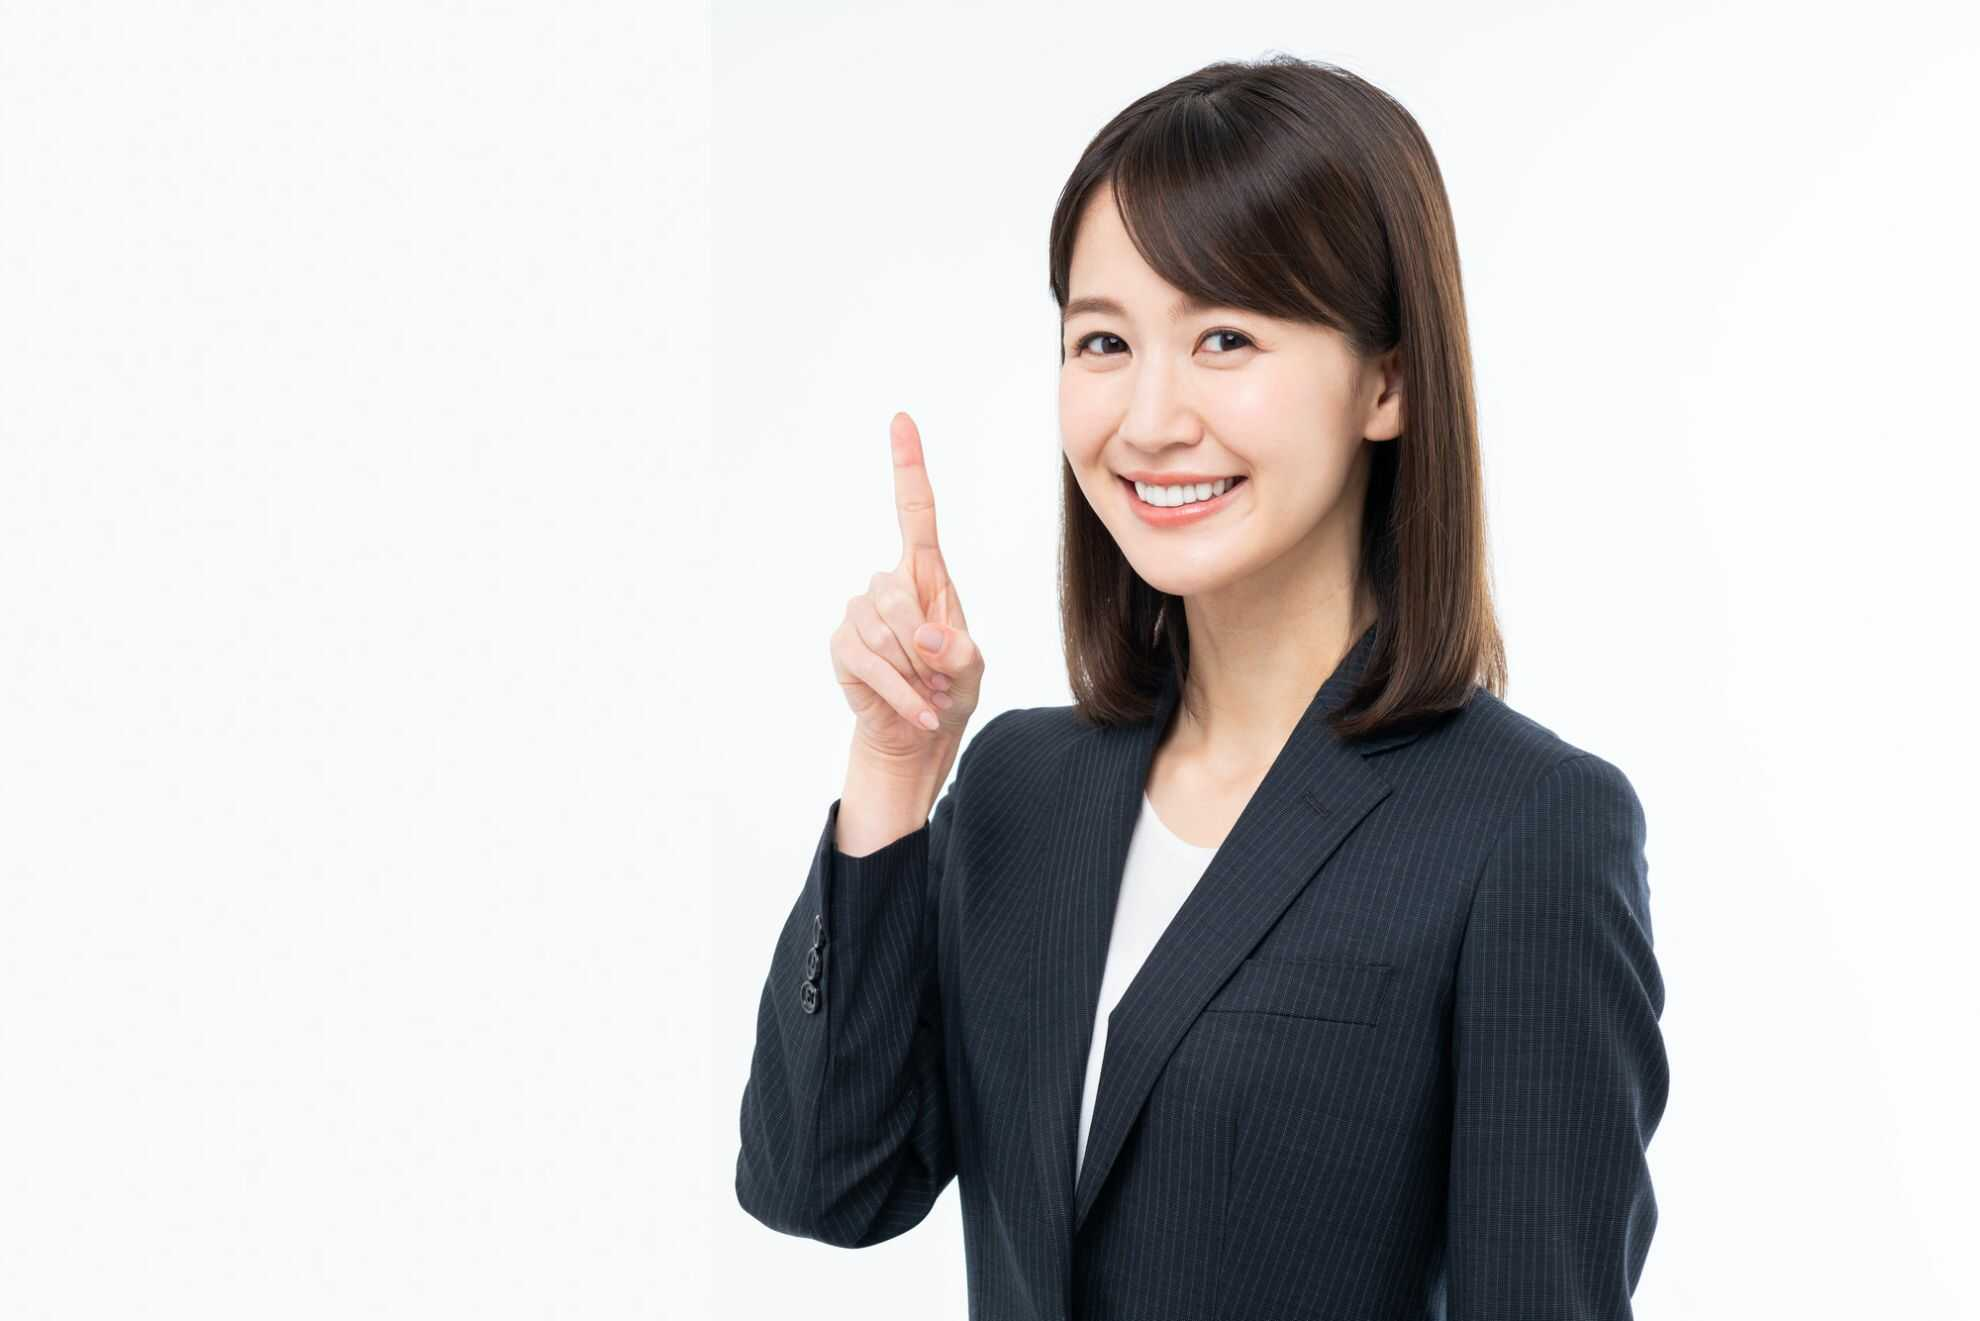 人差し指を立てて微笑んでいる女性